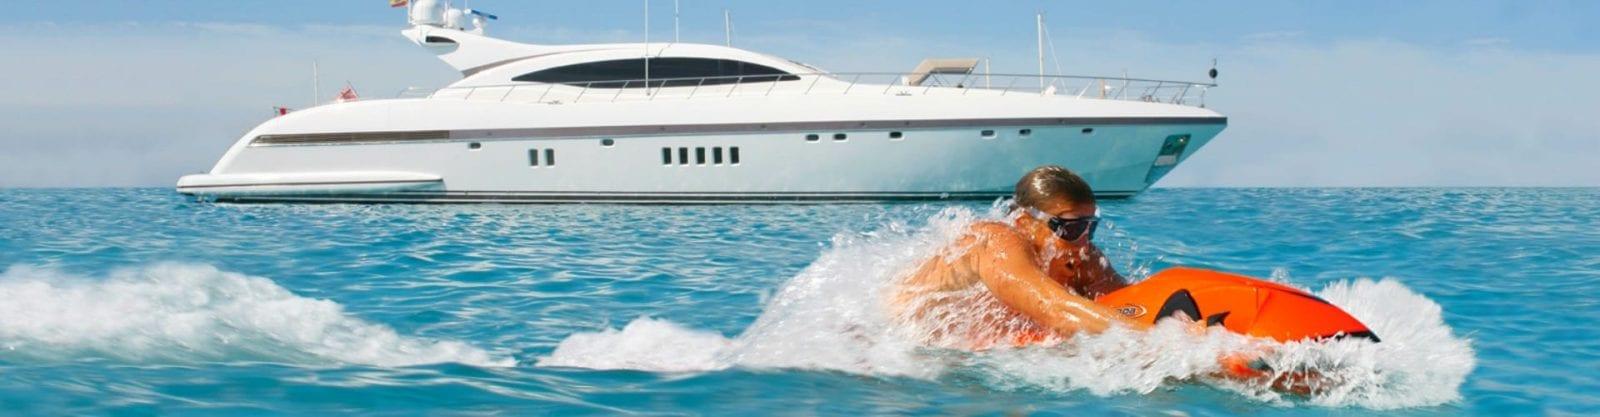 Yacht a noleggio: i 5 piccoli grandi piaceri per i viaggiatori di lusso